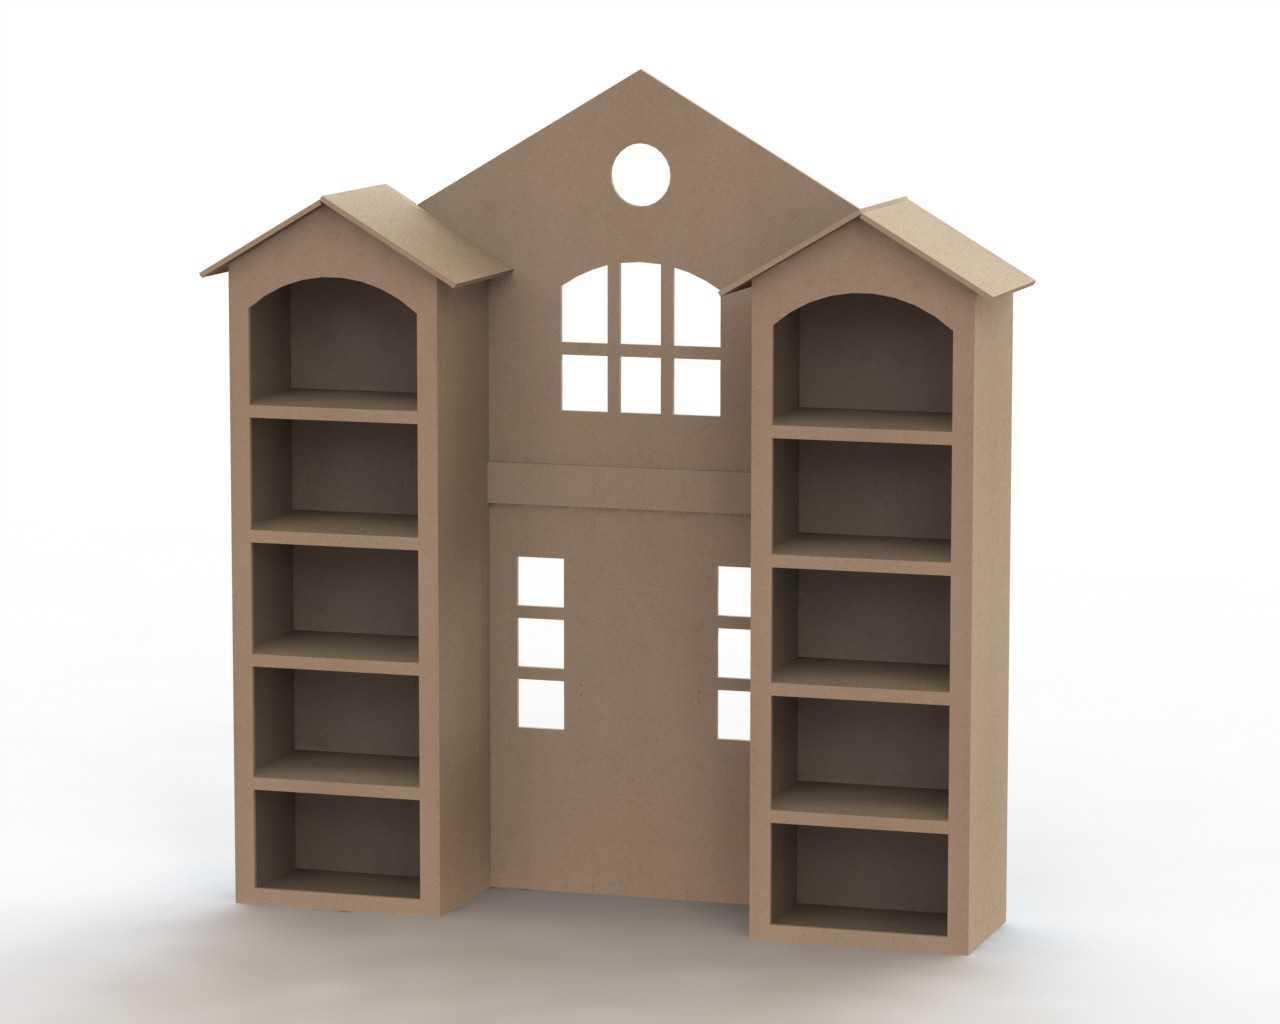 Home Shape Shelf DXF File